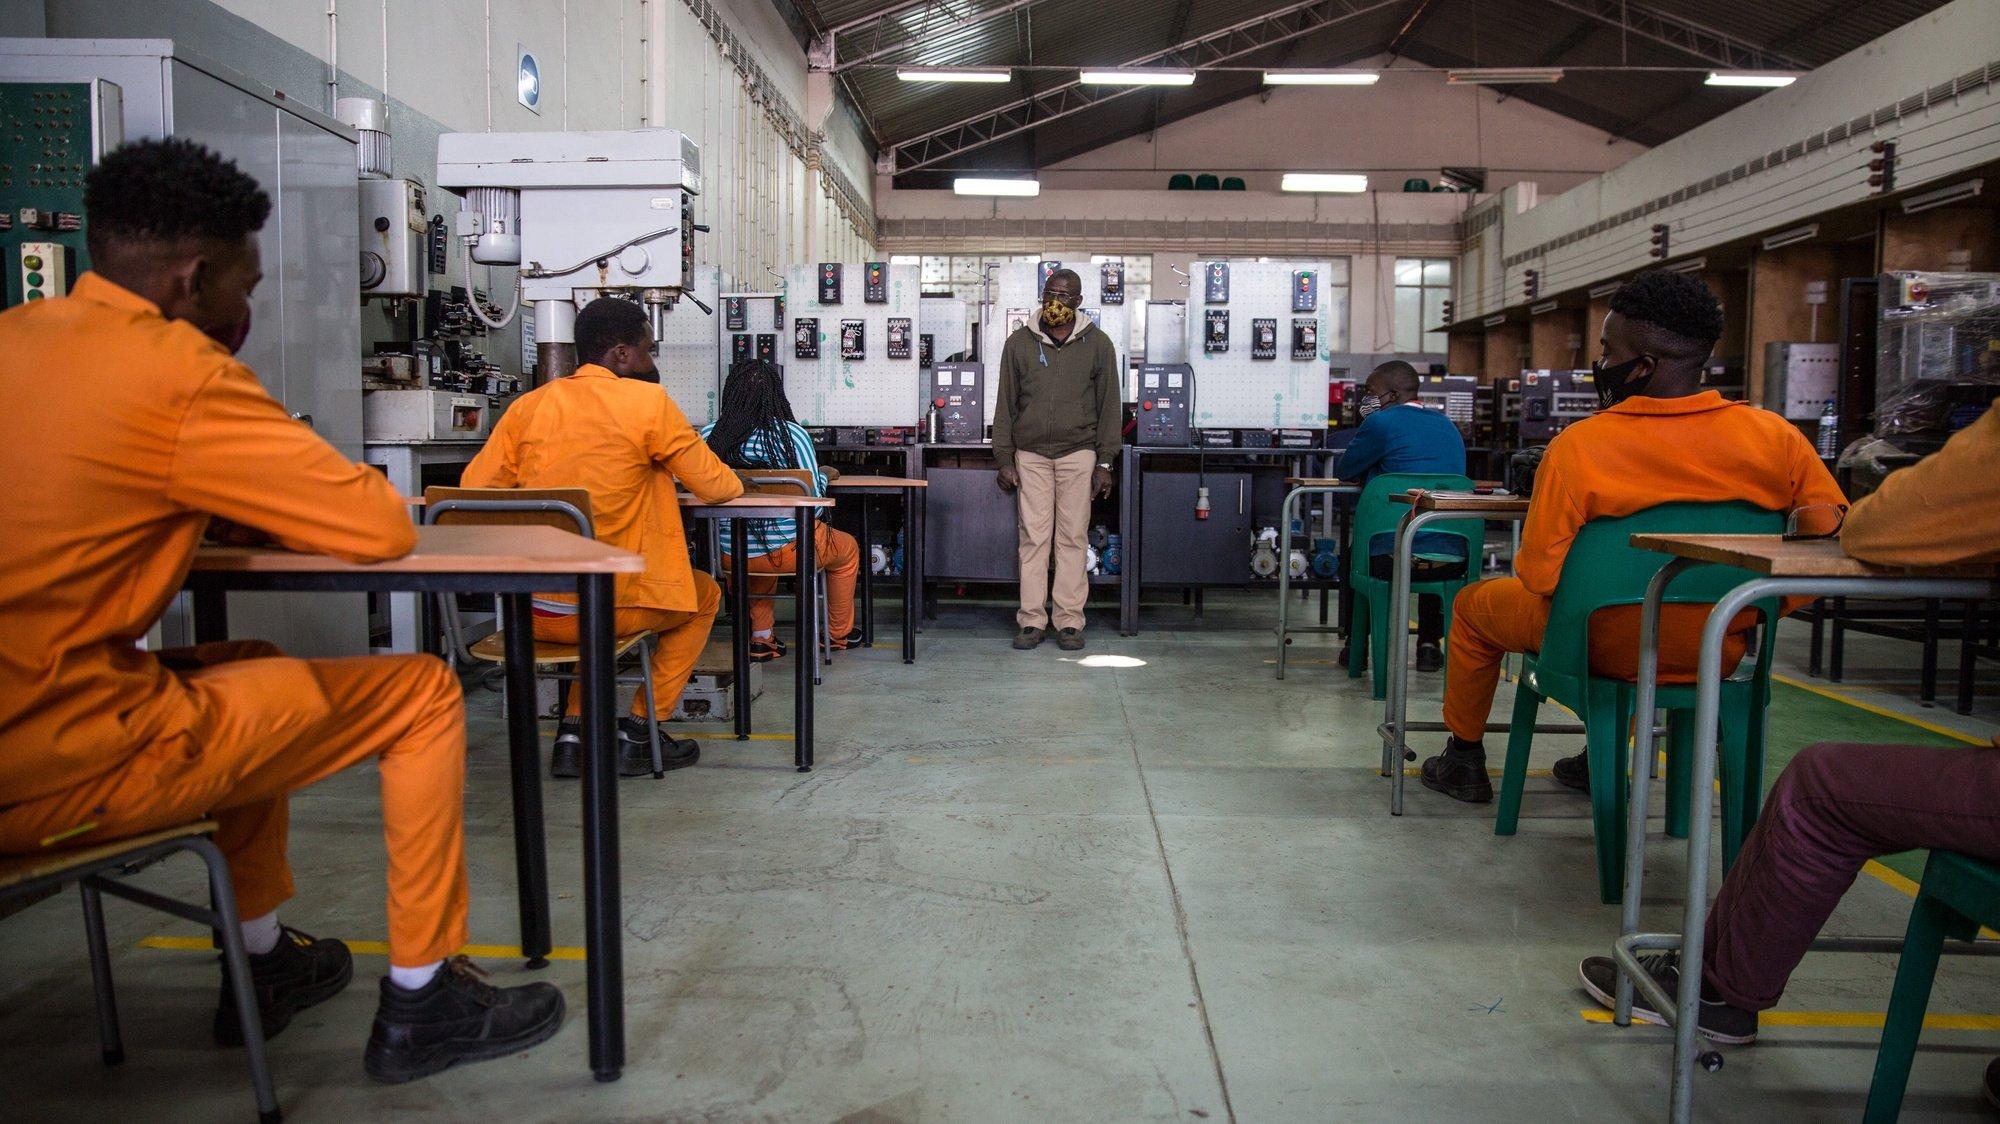 Alunos mantêm o distanciamento social e uso da máscara de proteção respiratória contra a covid-19 numa sala de aula no primeiro dia da reabertura do ensino superior e técnico com as novas normas de higiene e distanciamento social, no Instituto de Formação Profissional e Estudos Laborais Alberto Cassimo, em Maputo, Moçambique, 18 de agosto de 2020. O primeiro dia da retoma faseada às atividades em institutos e universidades moçambicanas começou a meio-gás em Maputo, com metade de estudantes por cada turma e aulas de orientações sobre as medidas de prevenção contra à pandemia da covid-19. RICARDO FRANCO/LUSA